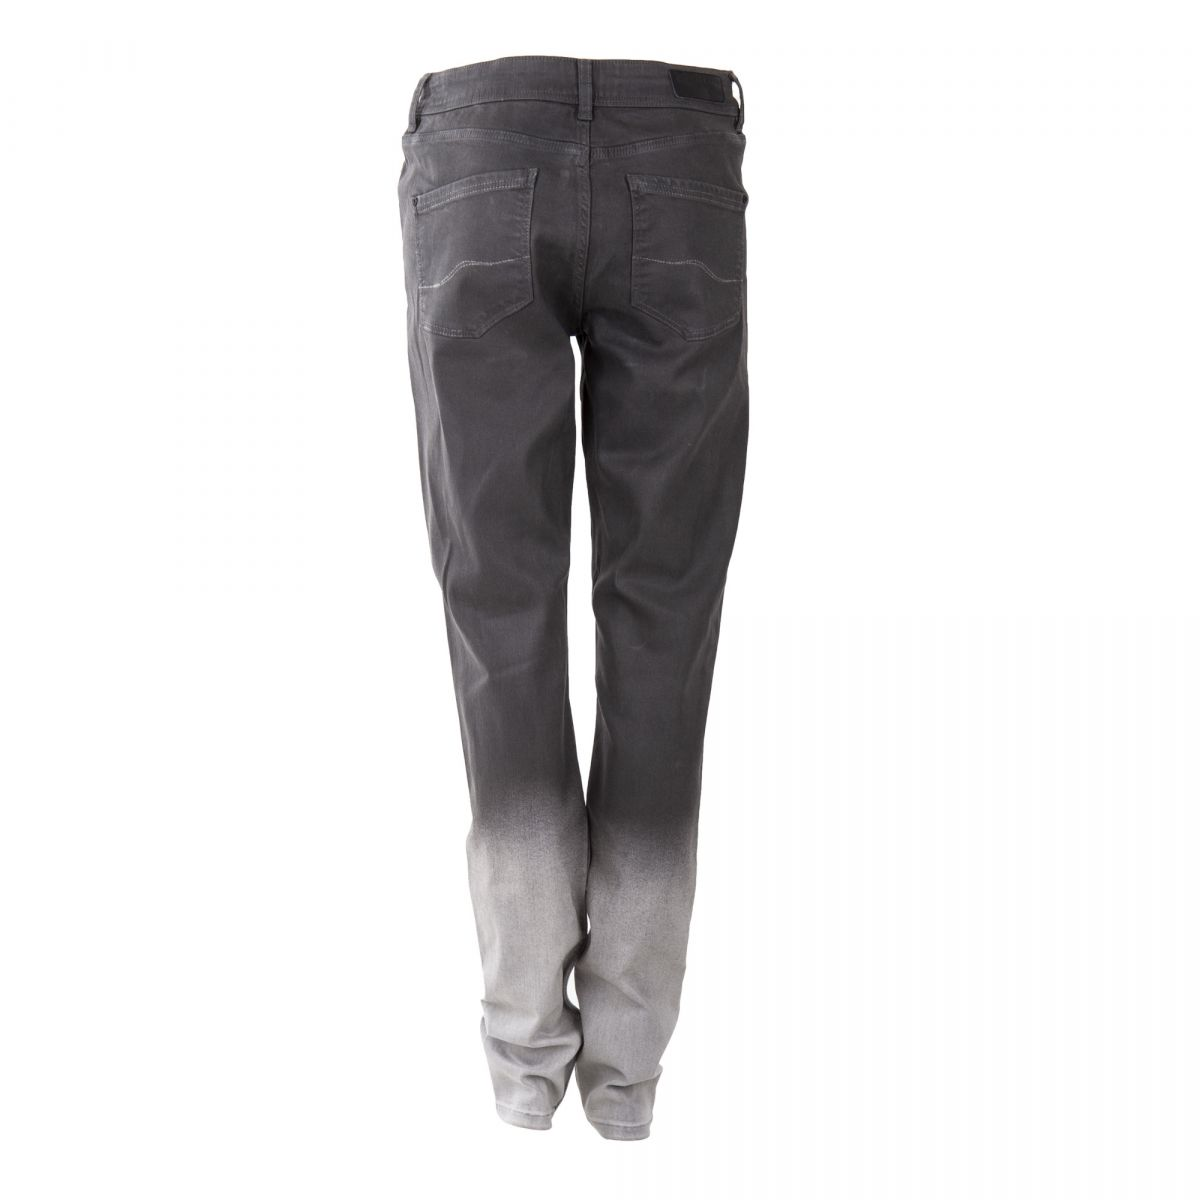 jean skinny enduit tie and dye gris femme expresso prix. Black Bedroom Furniture Sets. Home Design Ideas